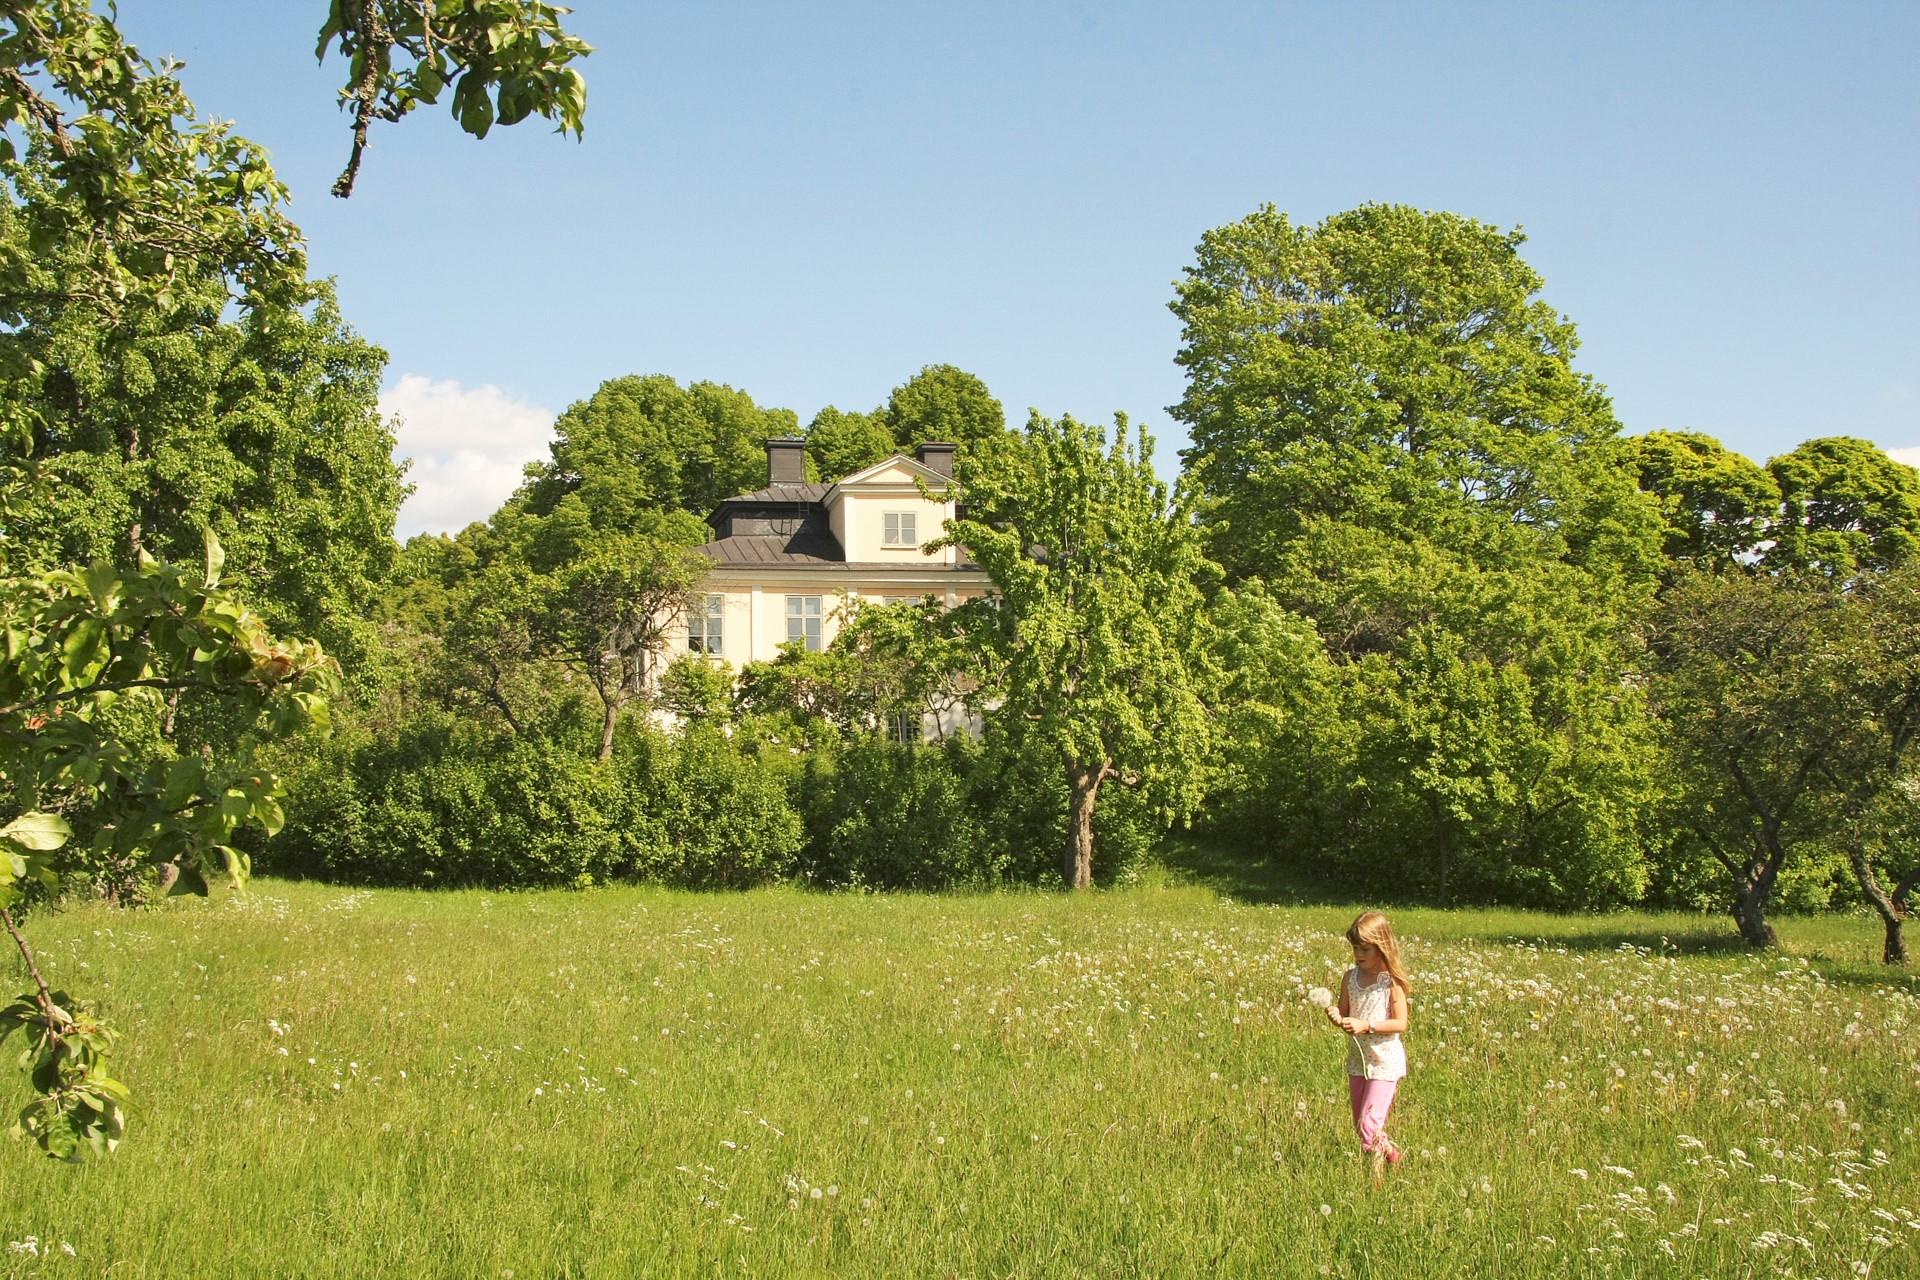 Norra Ängby Slottet